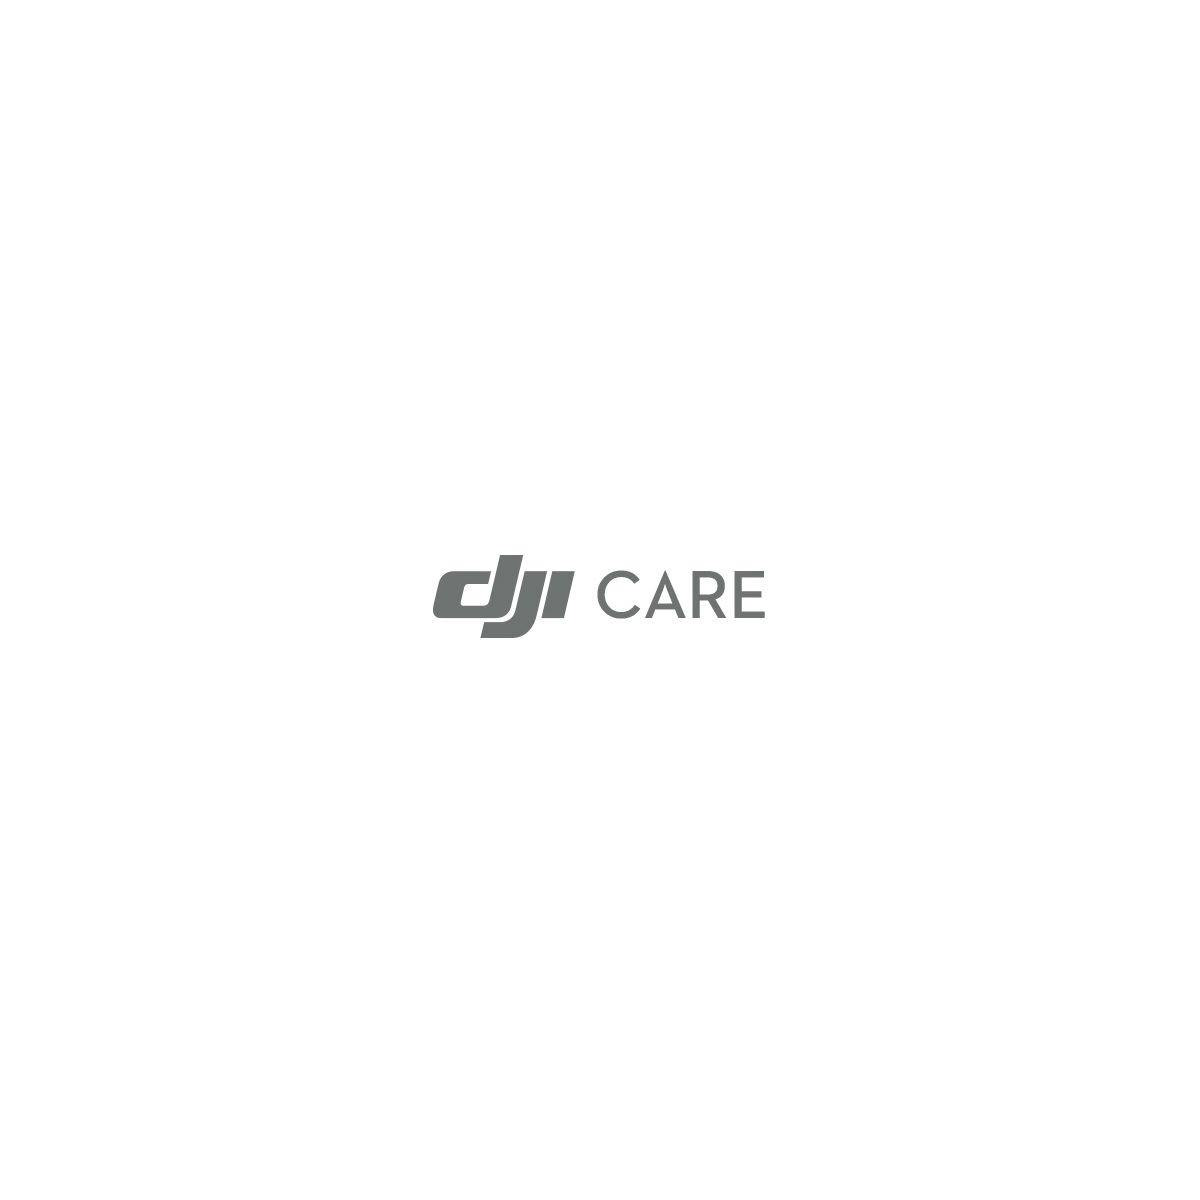 Acc. DRONE DJI CARE pour Phantom 4 Advan